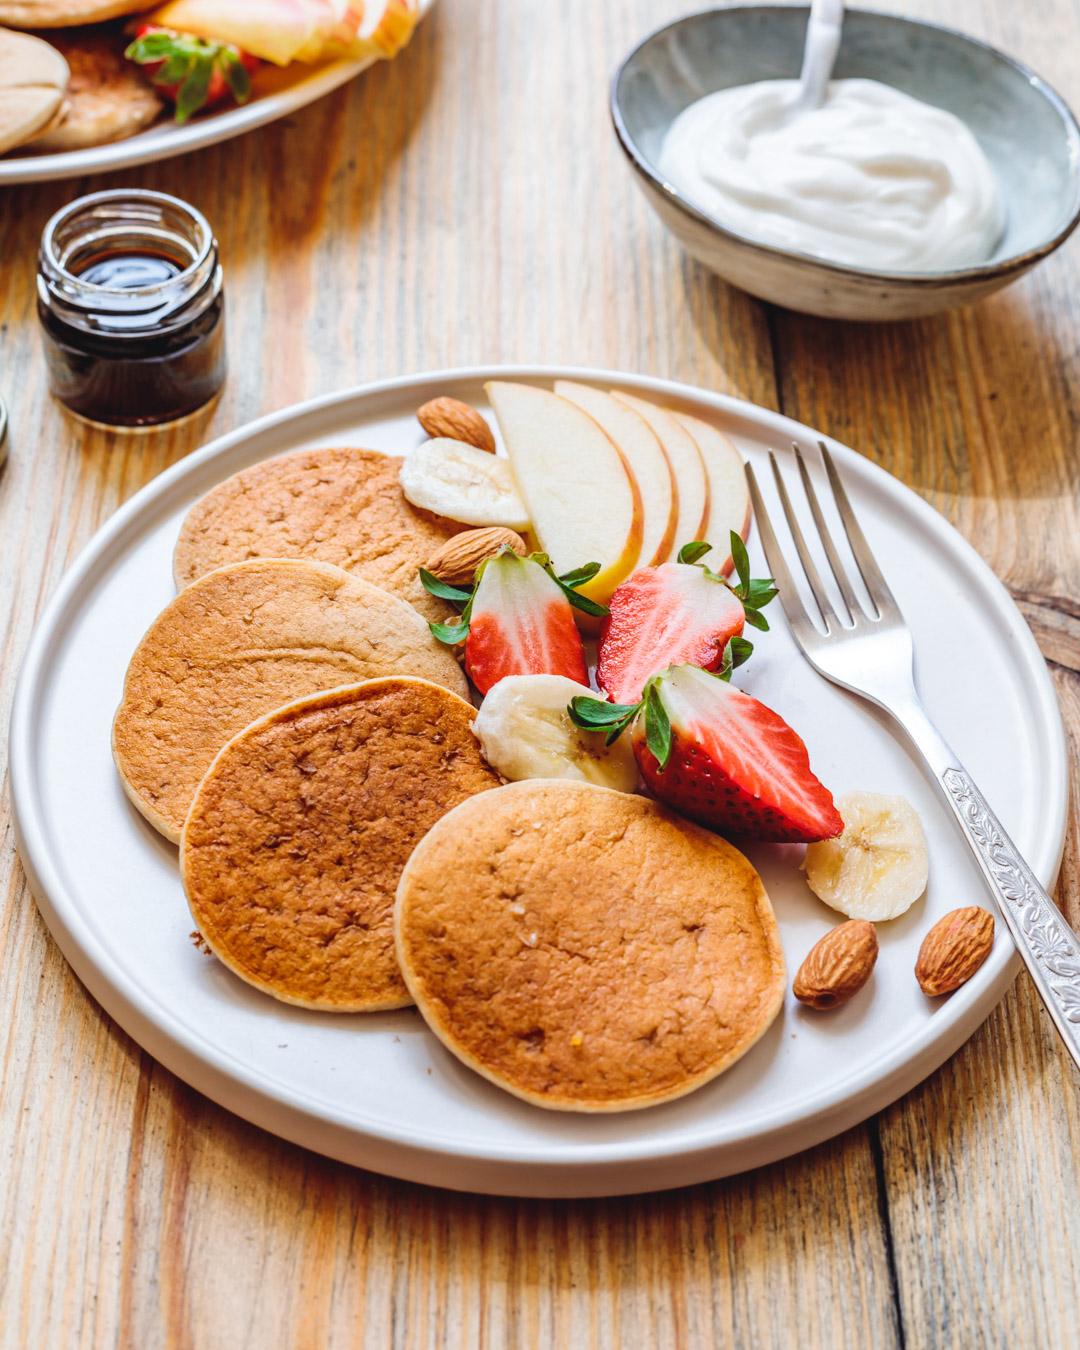 Vegan Banana Pancakes Gluten-free